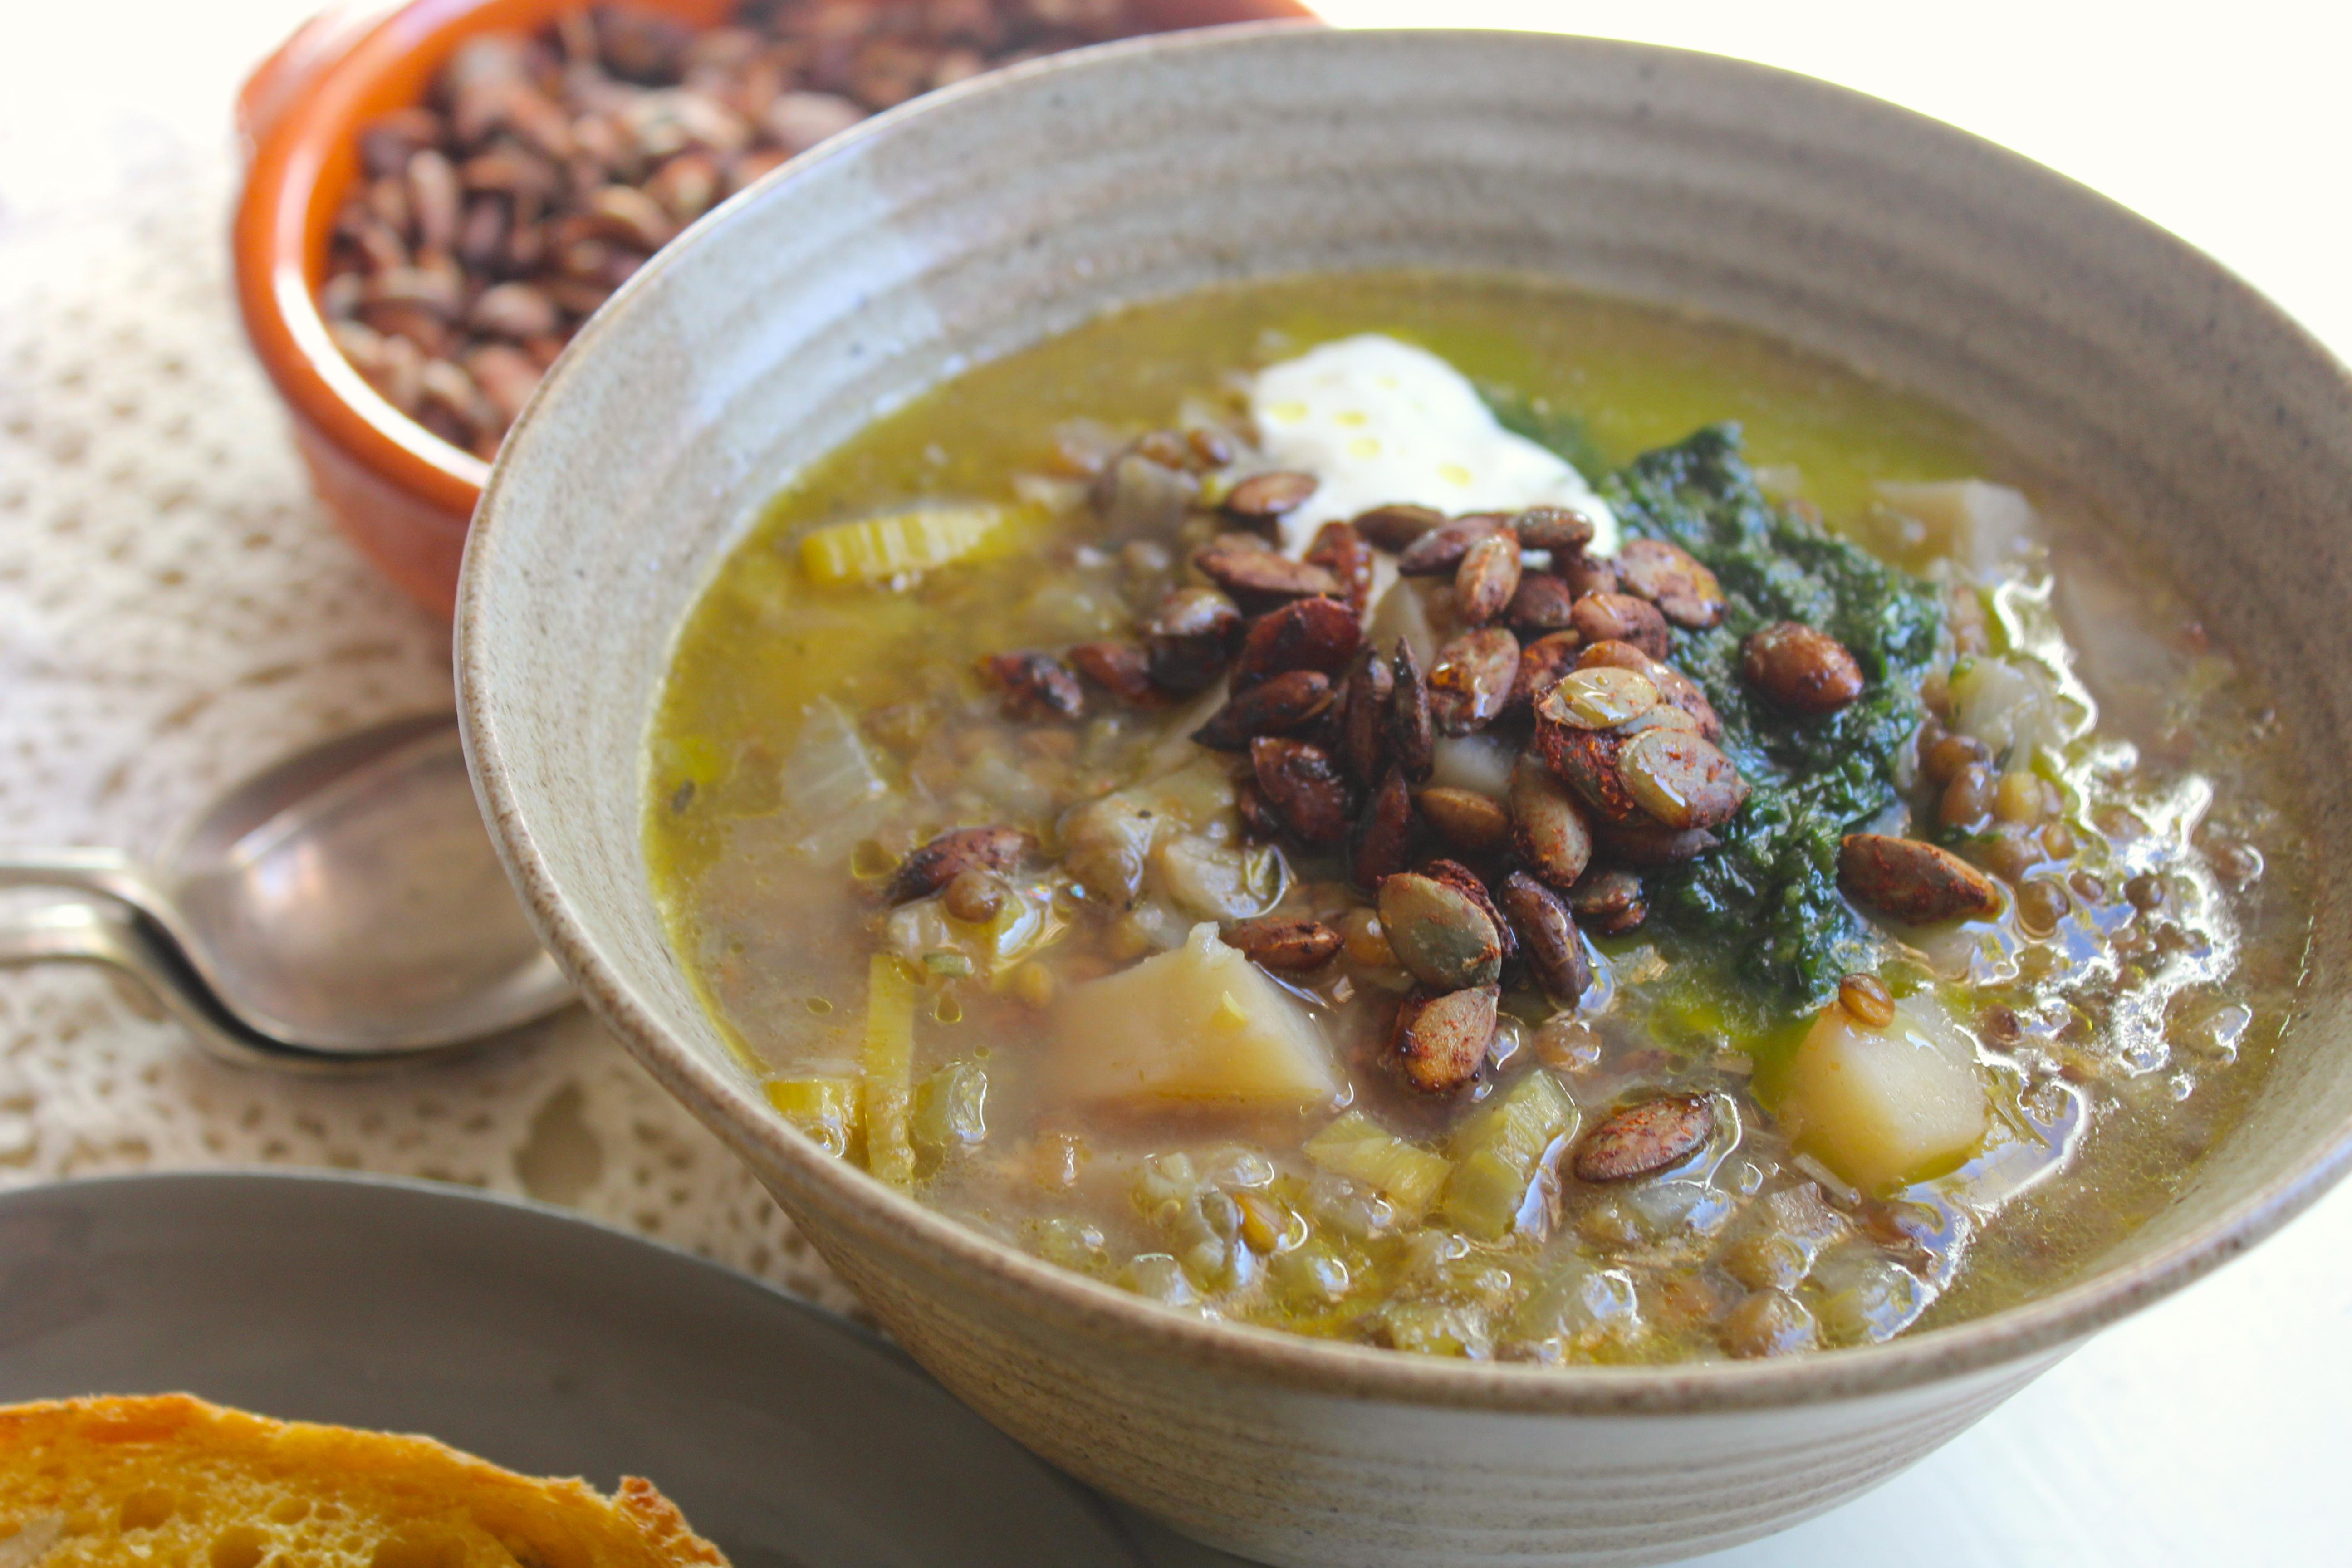 Lemon & Lentil Soup